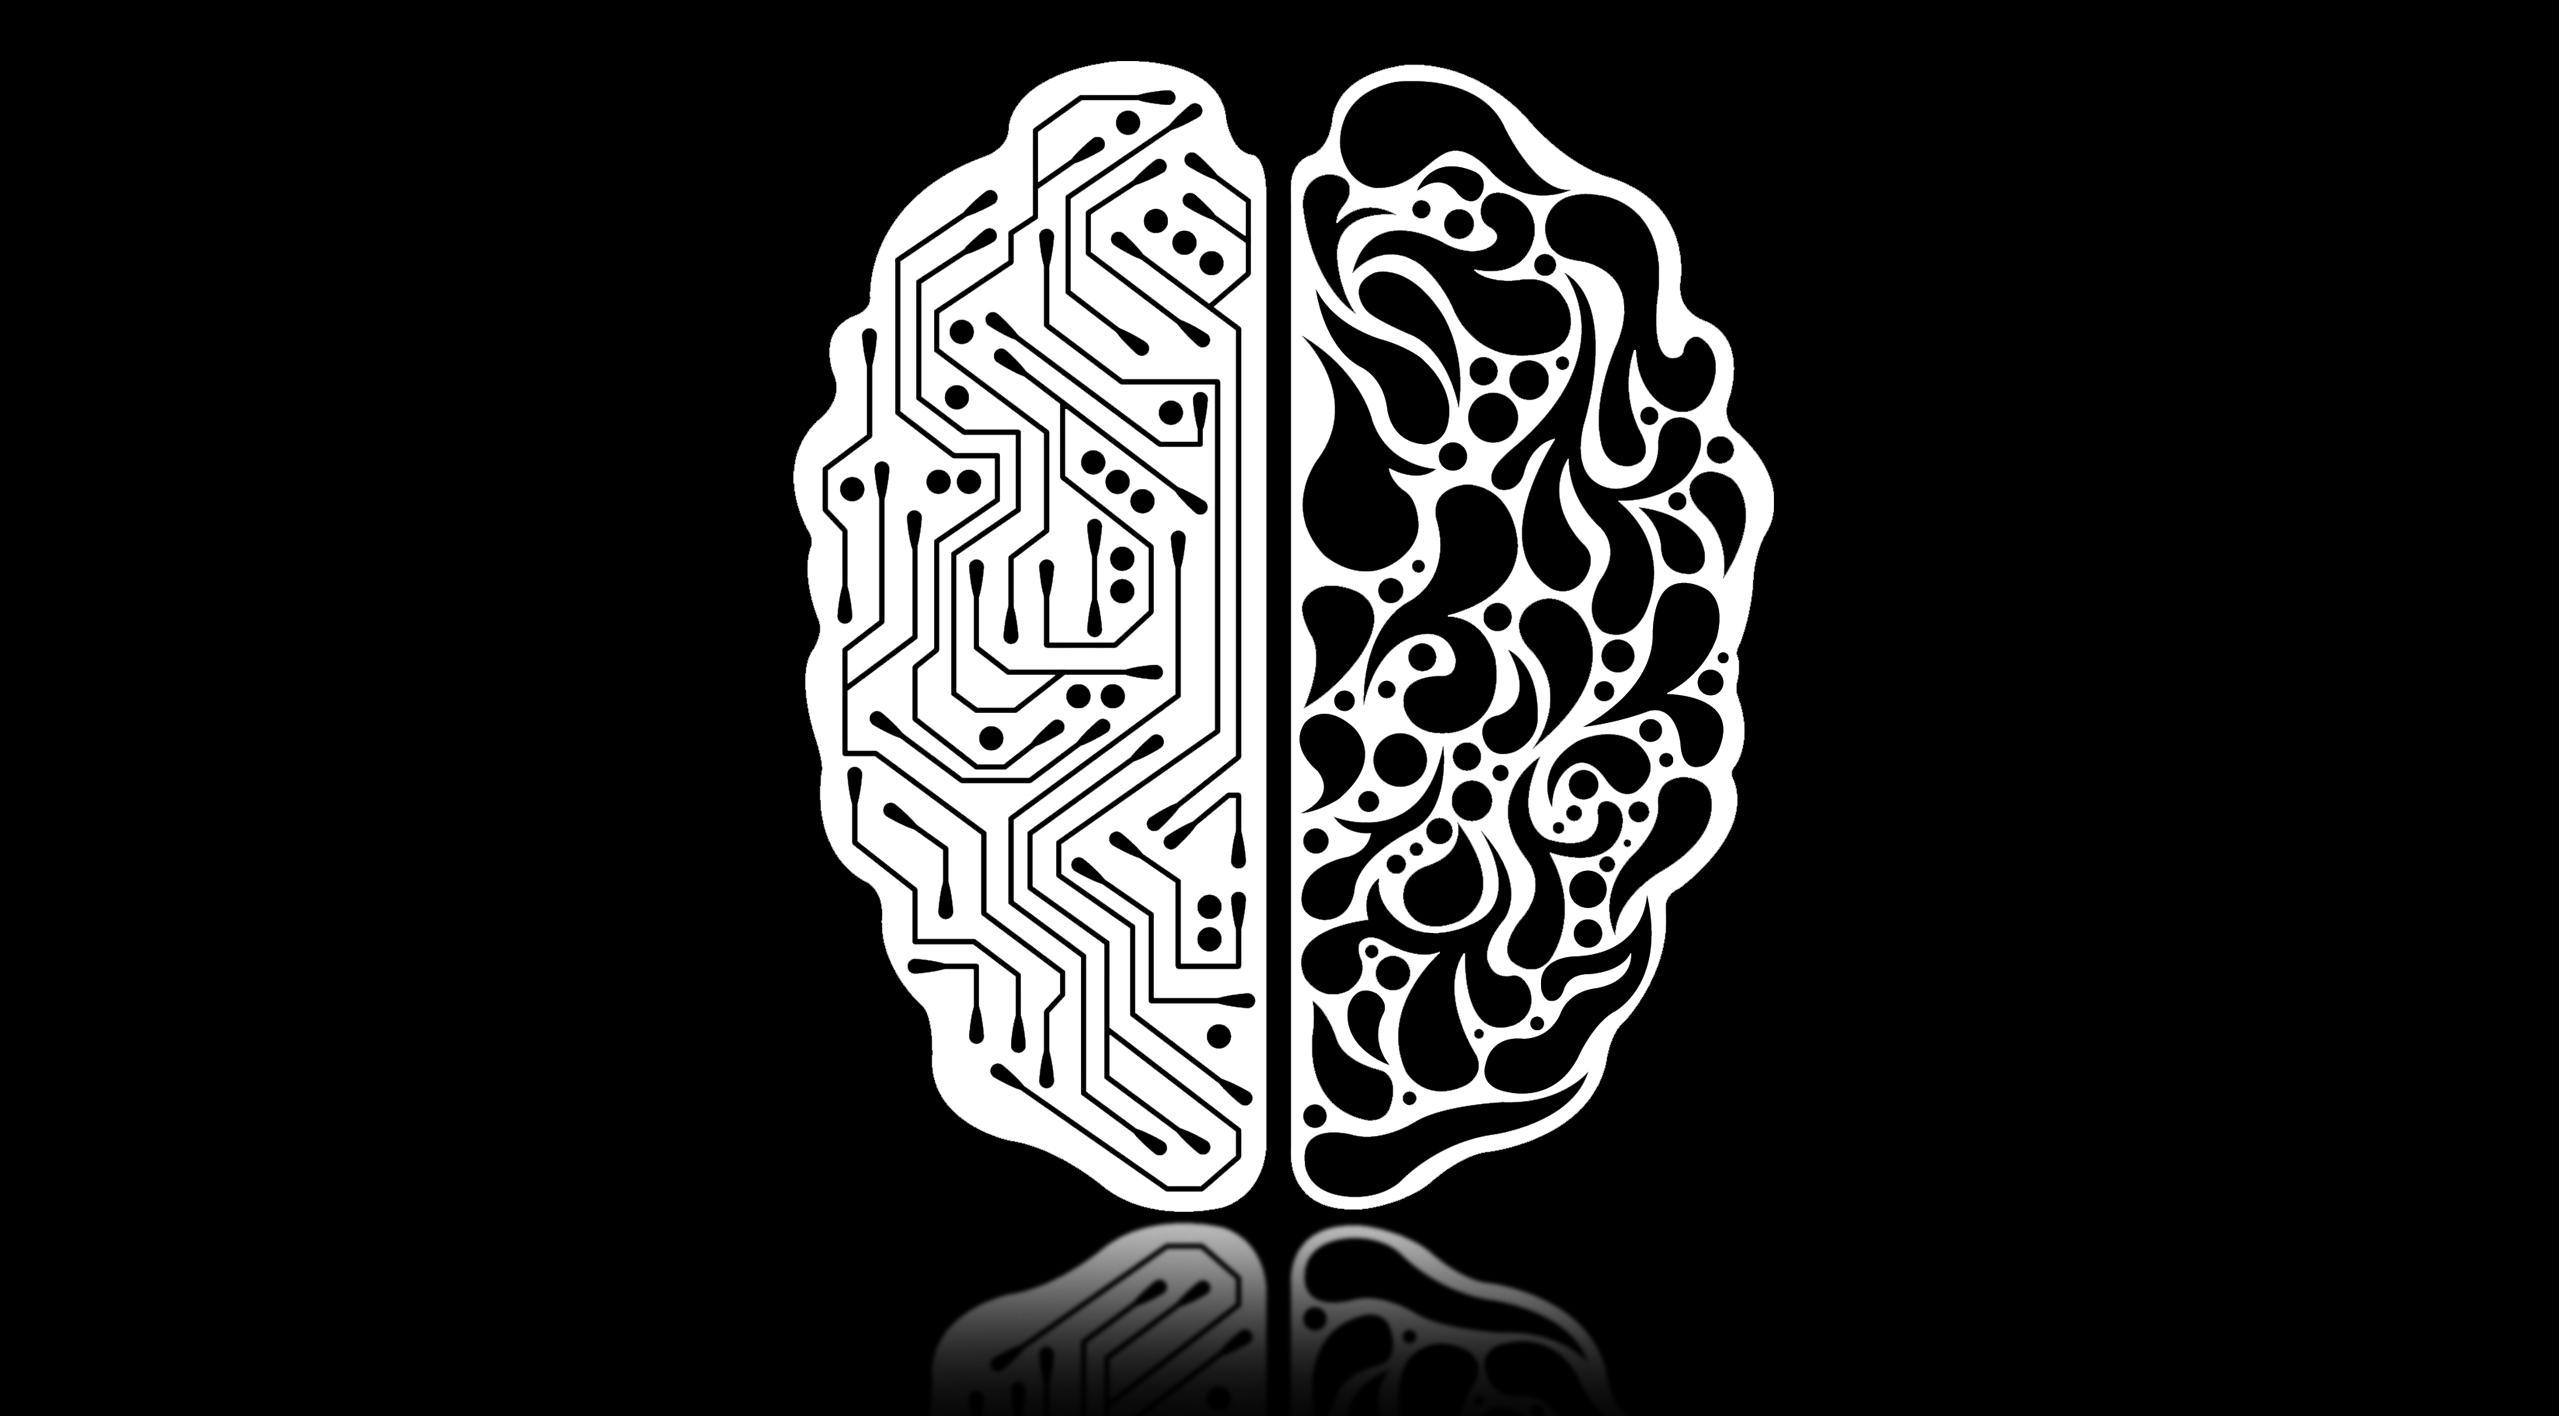 Dichotomy of AI